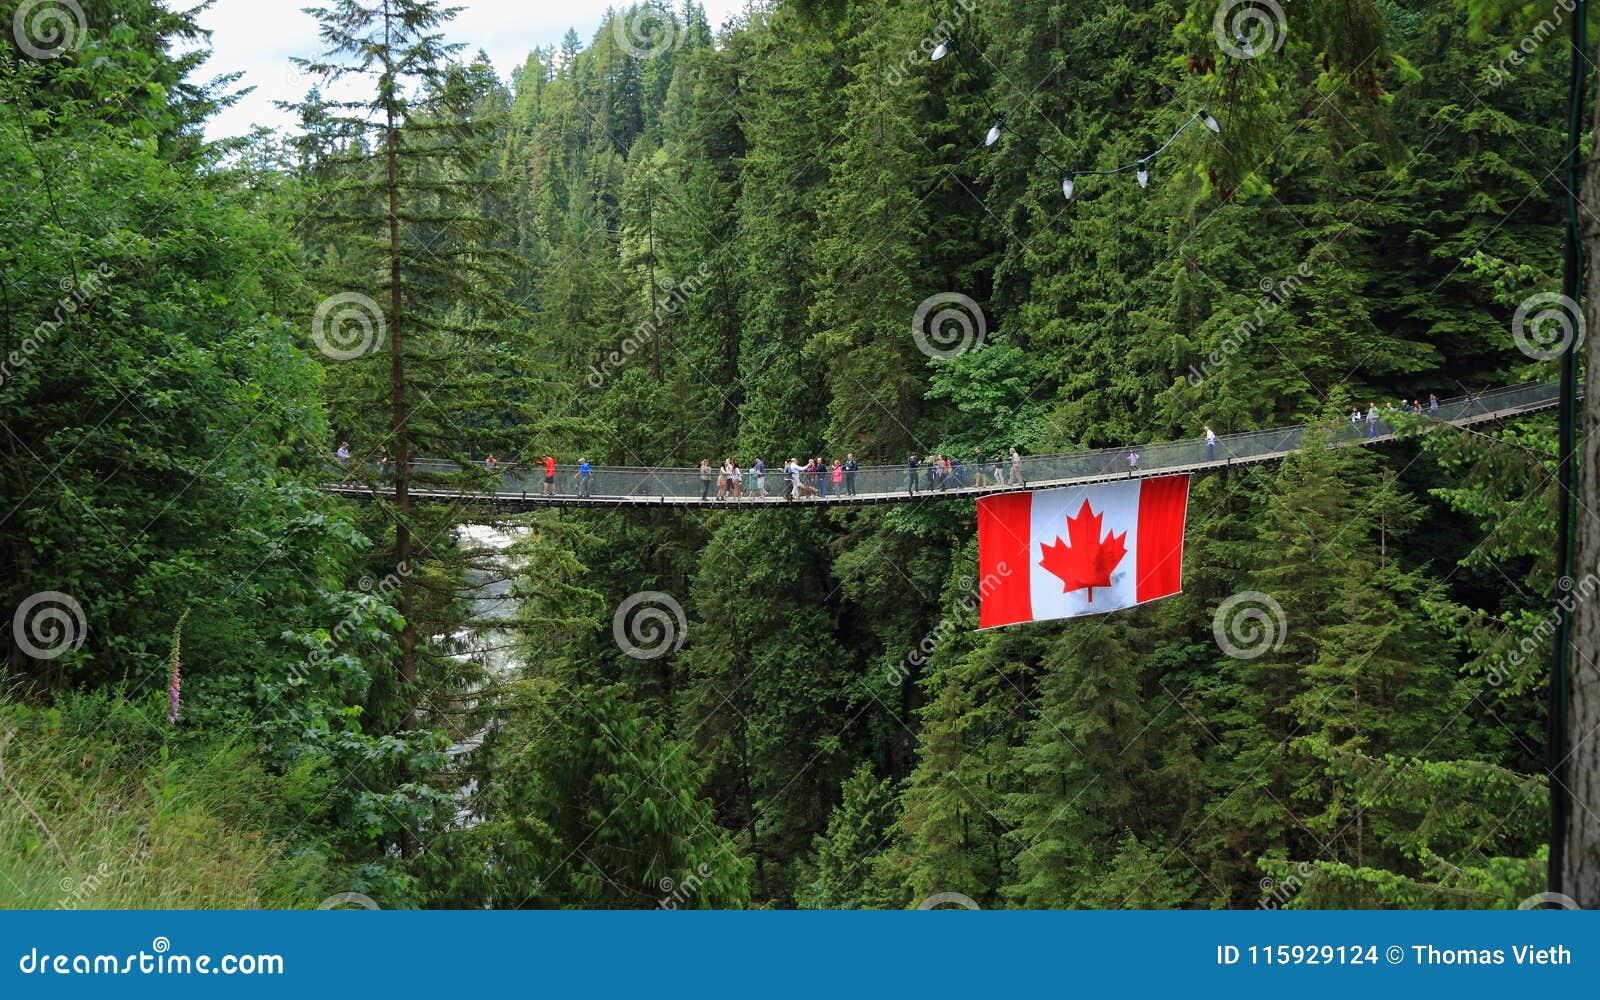 Vancouver, Canadá: Turismo - puente colgante de Capilano con la bandera canadiense